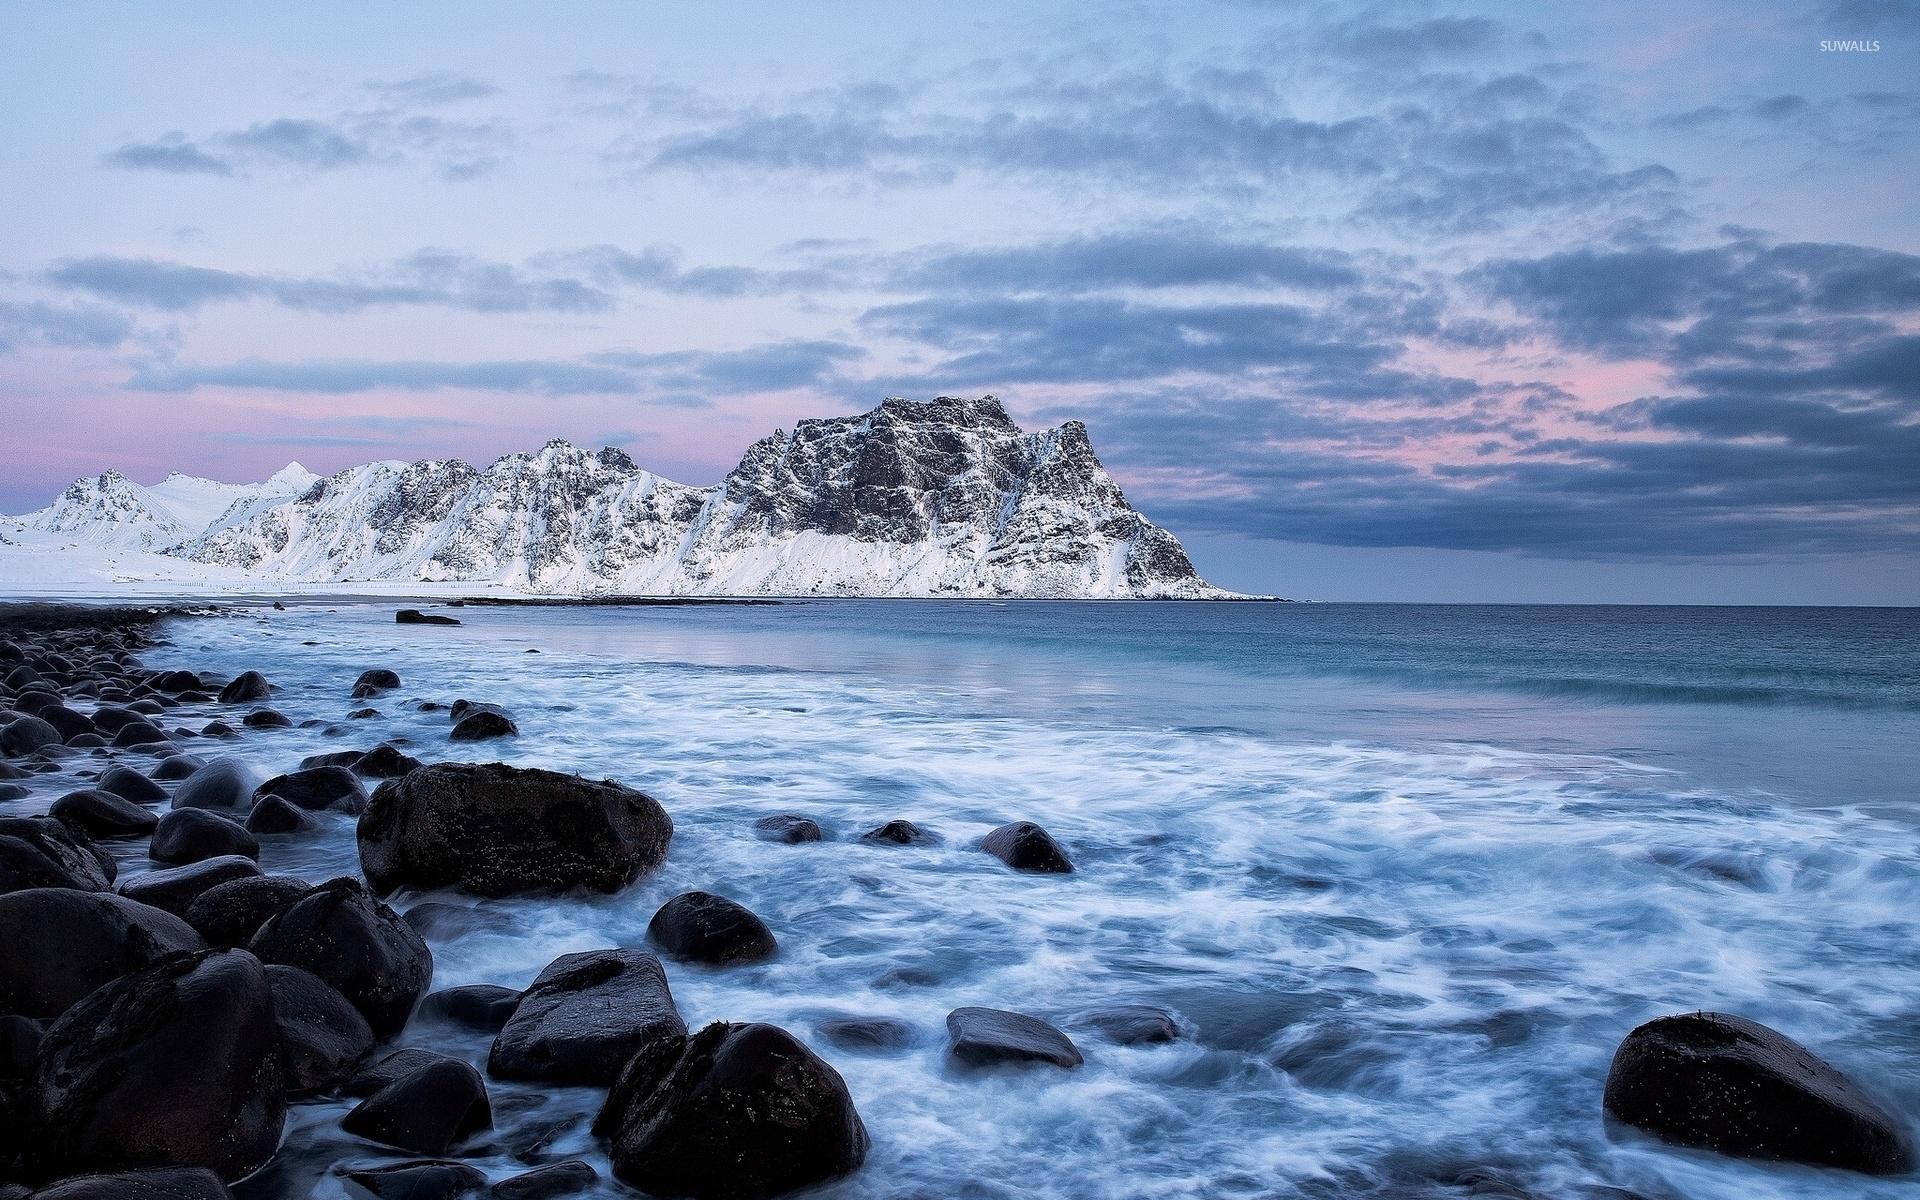 Fantastic Wallpaper Mountain Beach - snowy-mountain-peak-in-the-ocean-36727-1920x1200  Gallery_44328.jpg